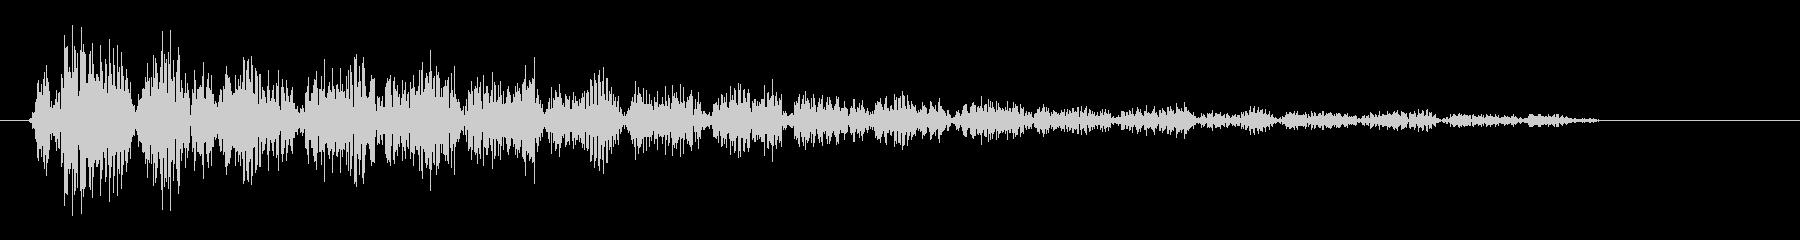 ピロピロリ(クリック音)の未再生の波形